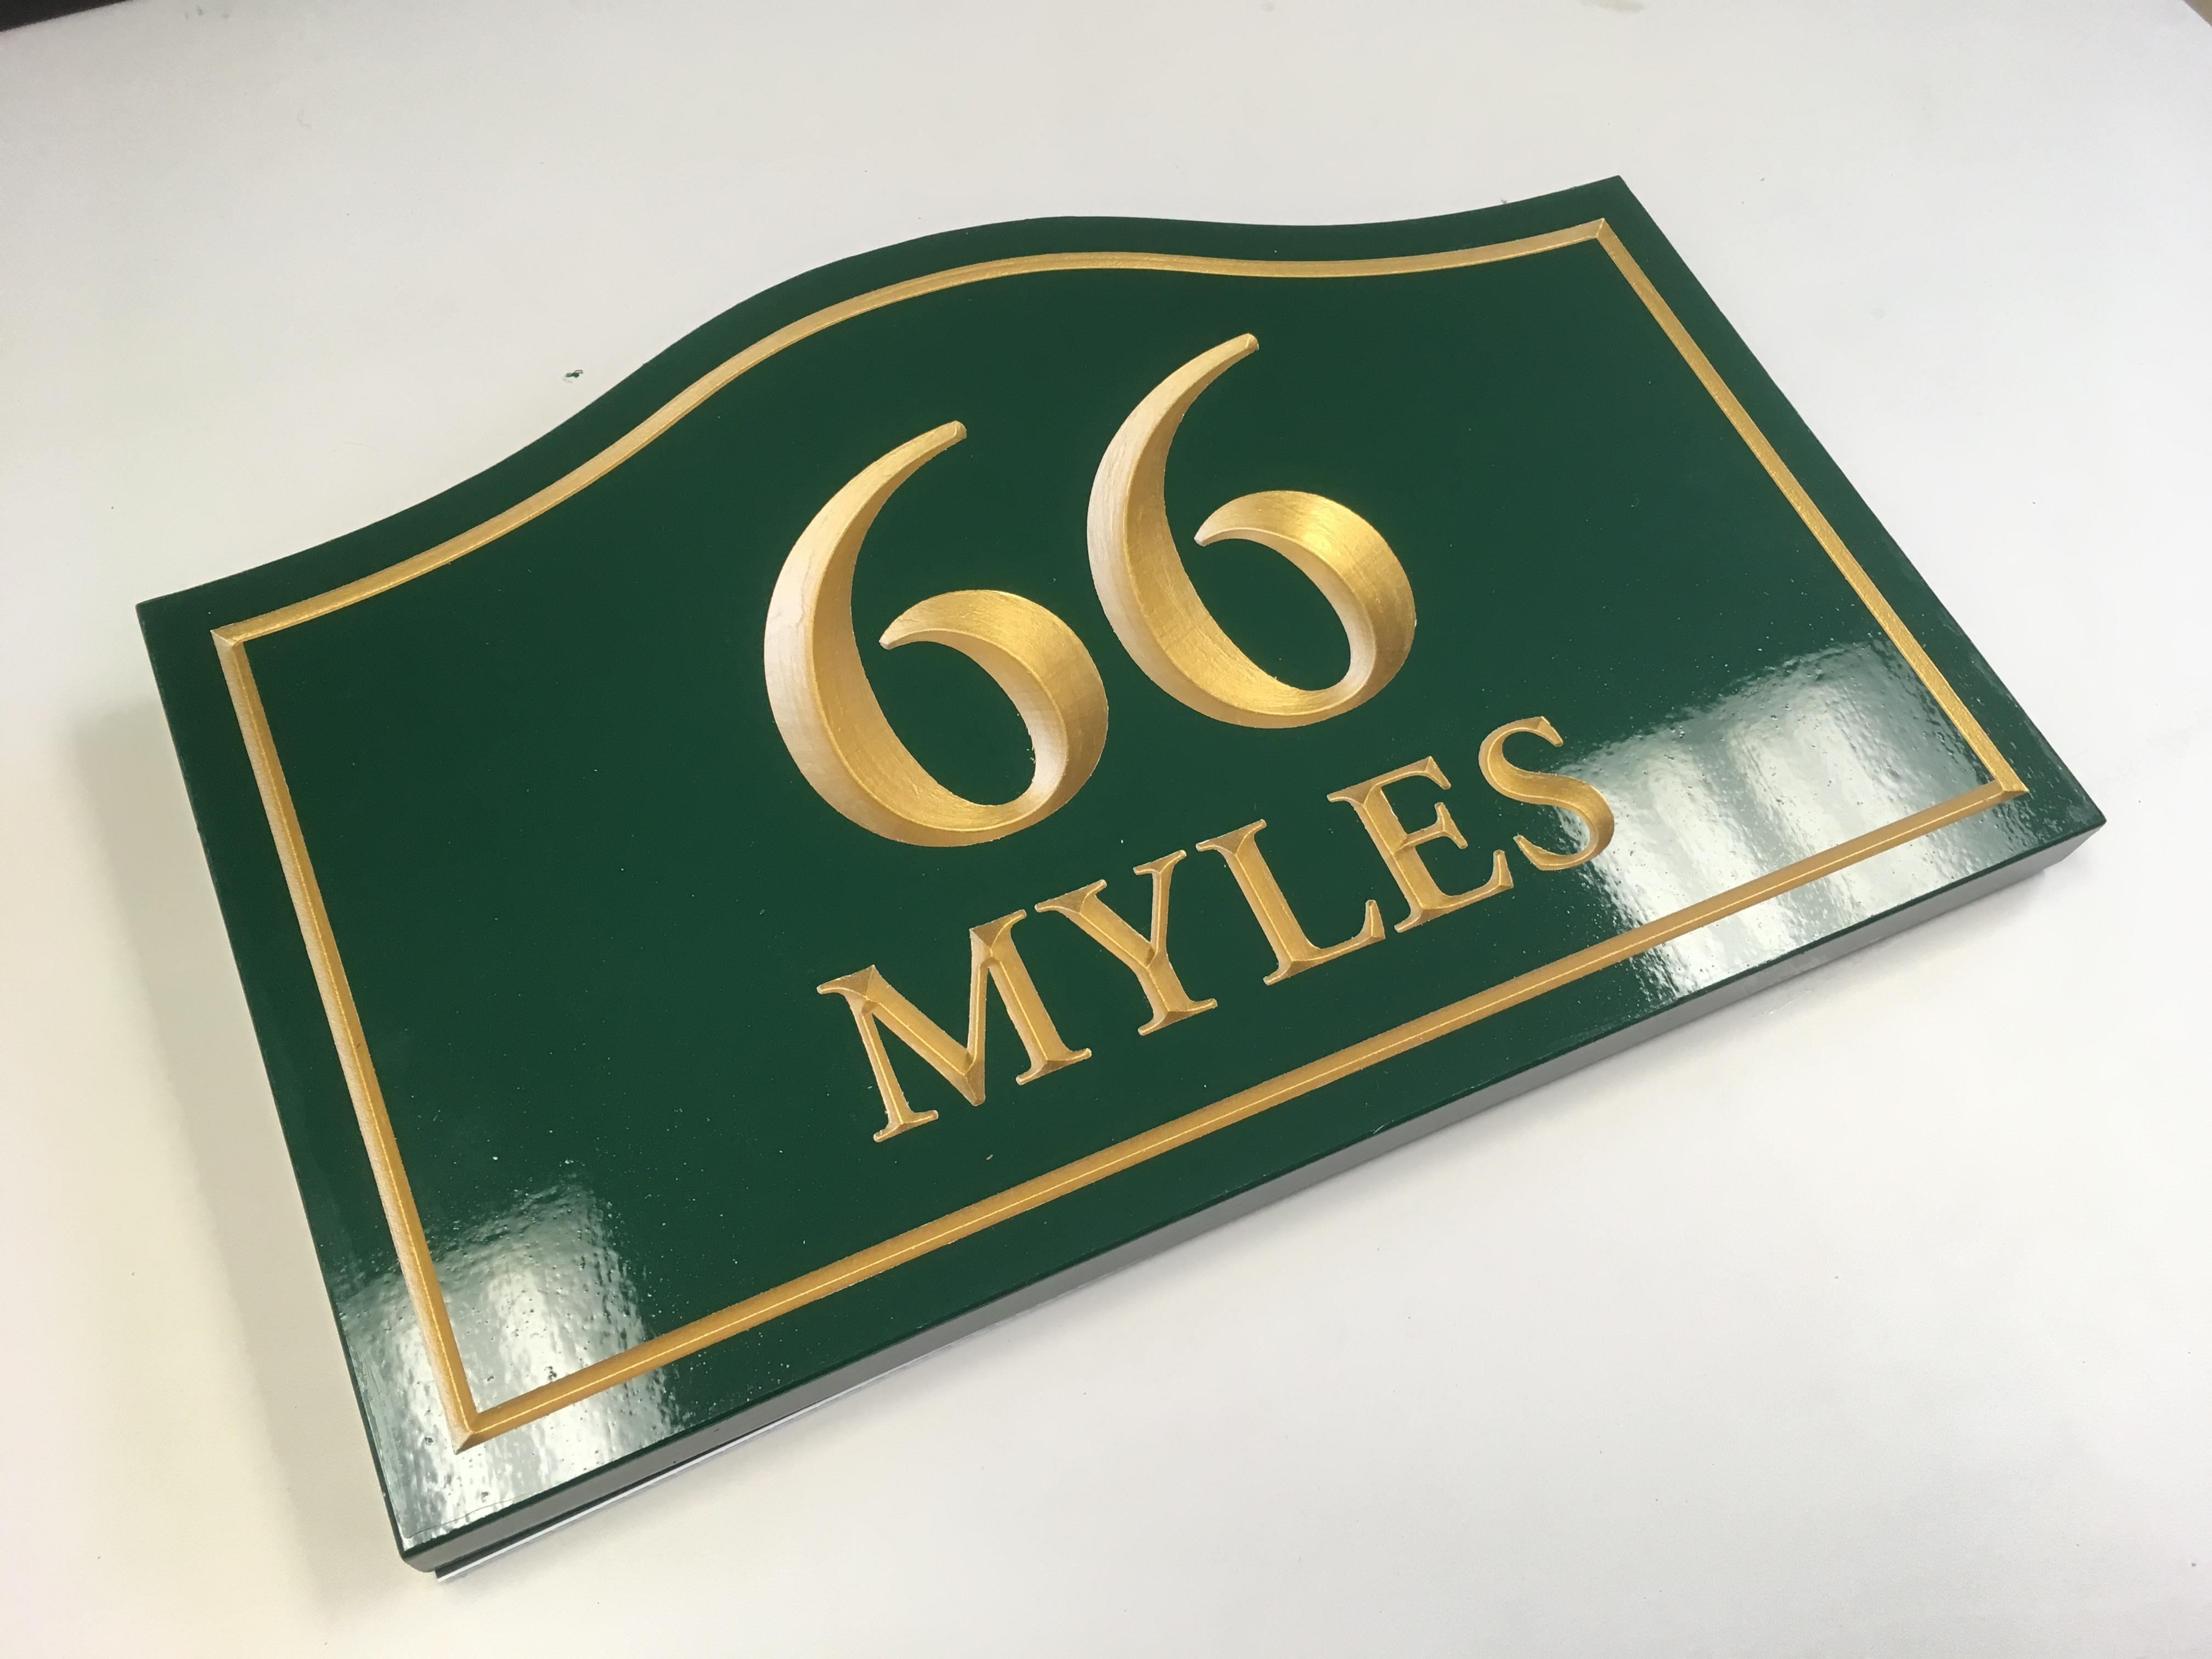 66 myles